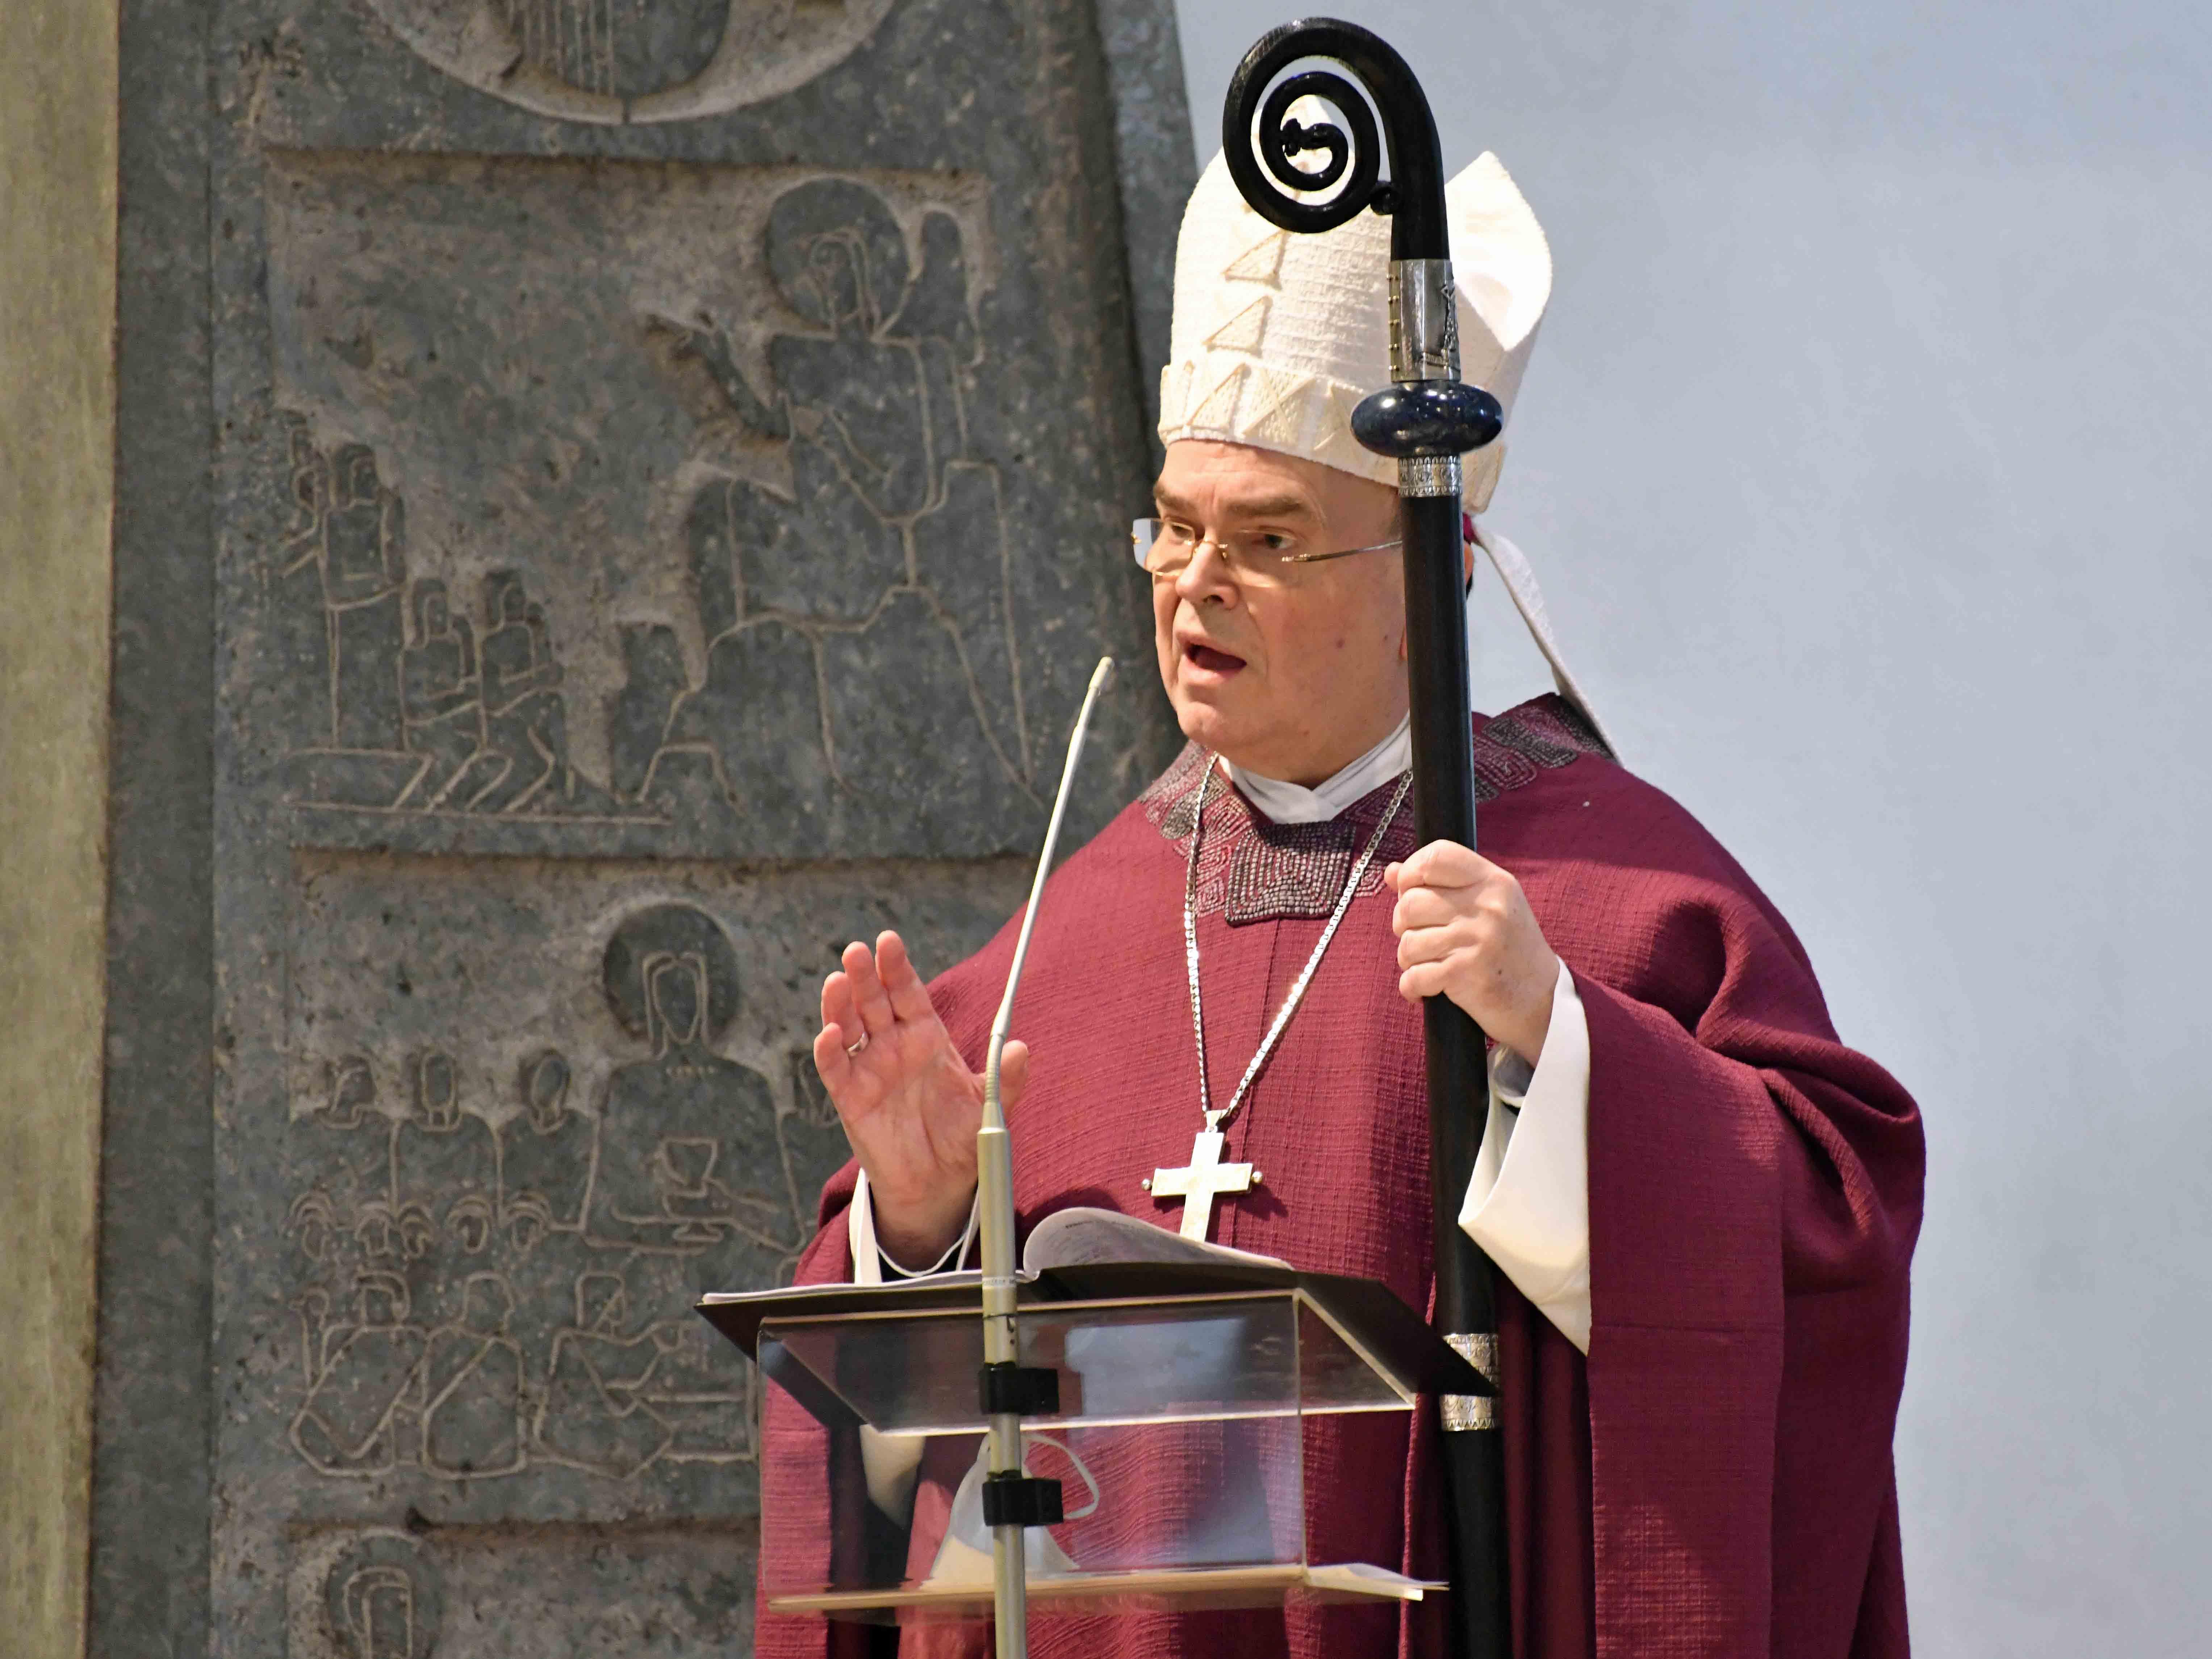 Bischof Bertram bei der Predigt. (Foto: Nicolas Schnall / pba)